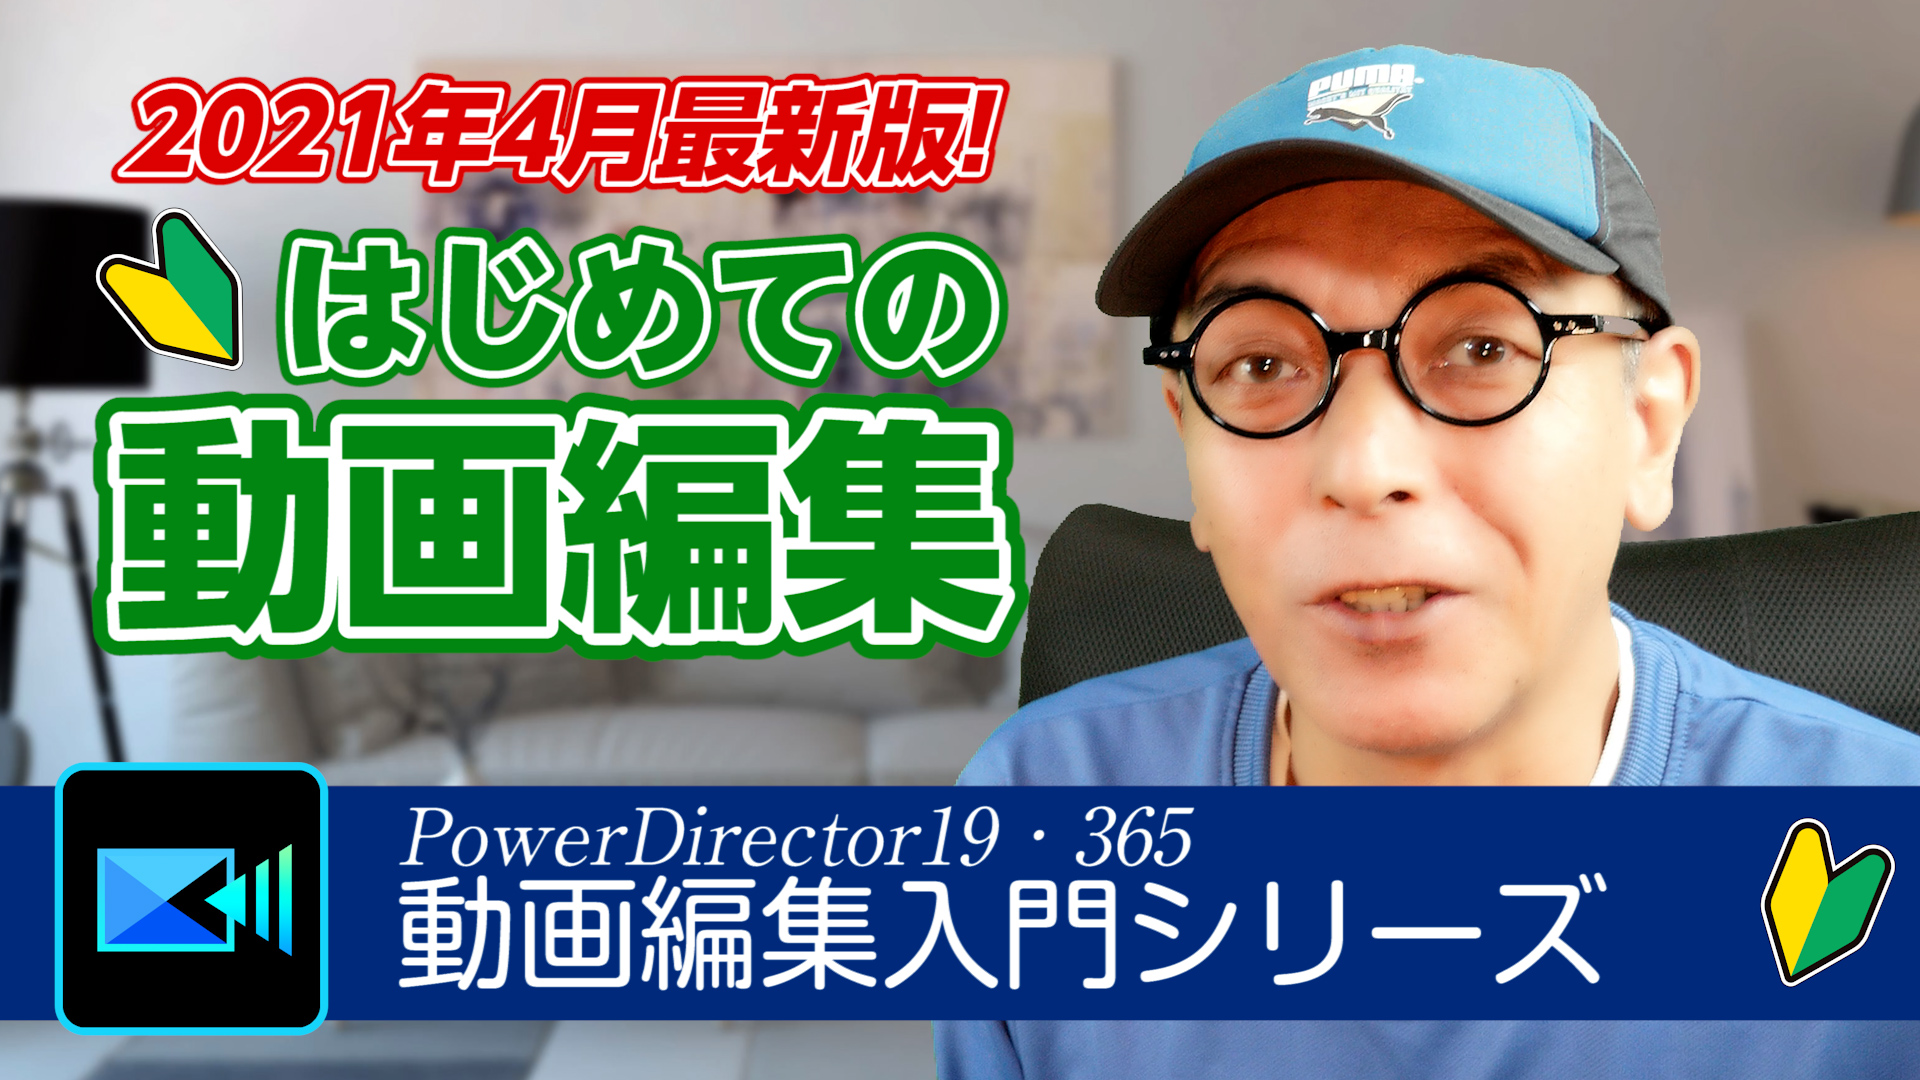 2021年5月最新!PowerDirector 19・365 初心者さん向け動画編集のやり方